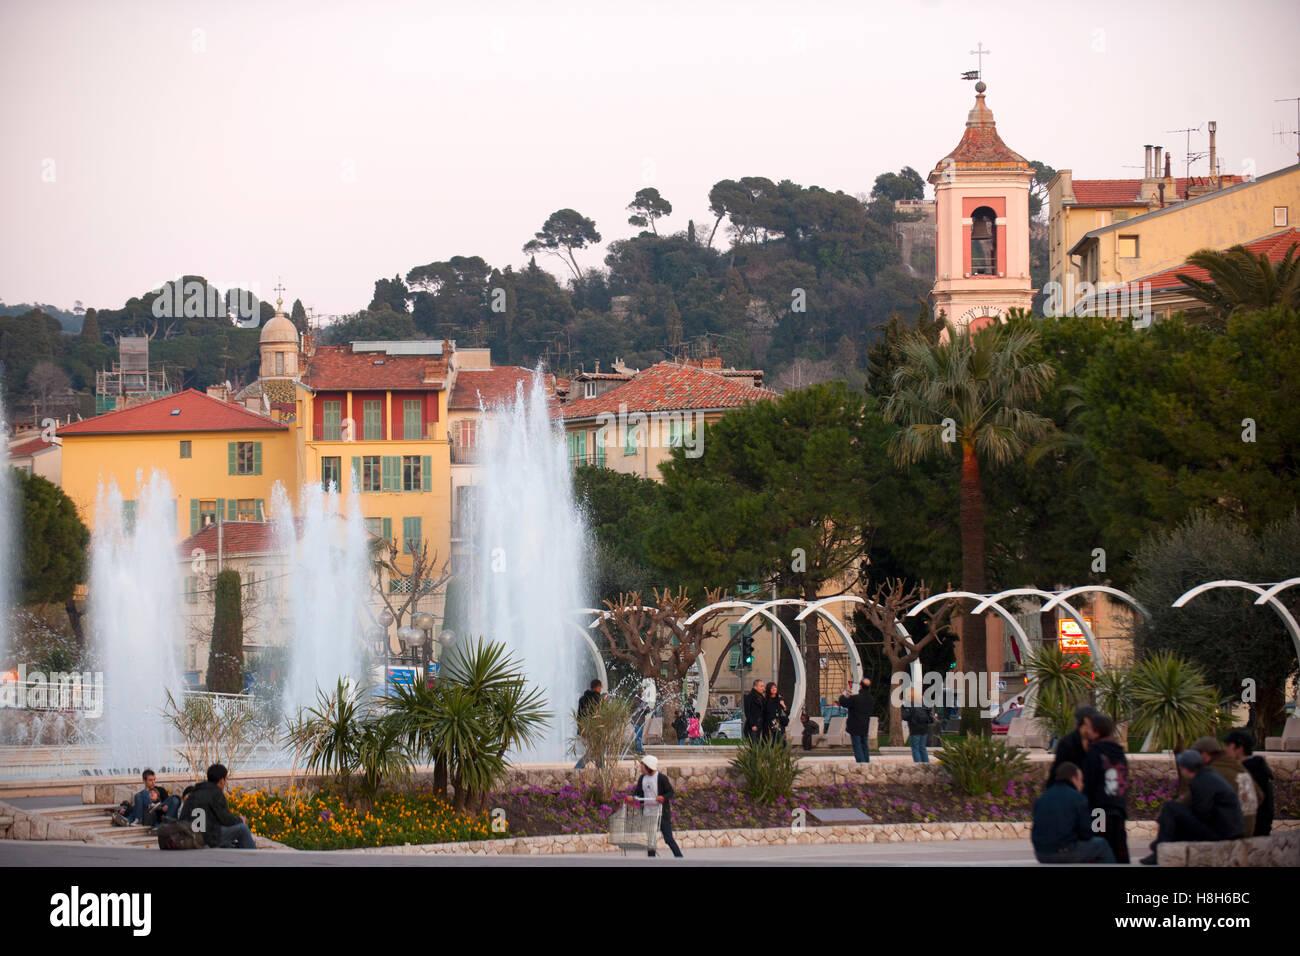 Frankreich, Cote d Azur, Nizza, am Place Masséna - Stock Image